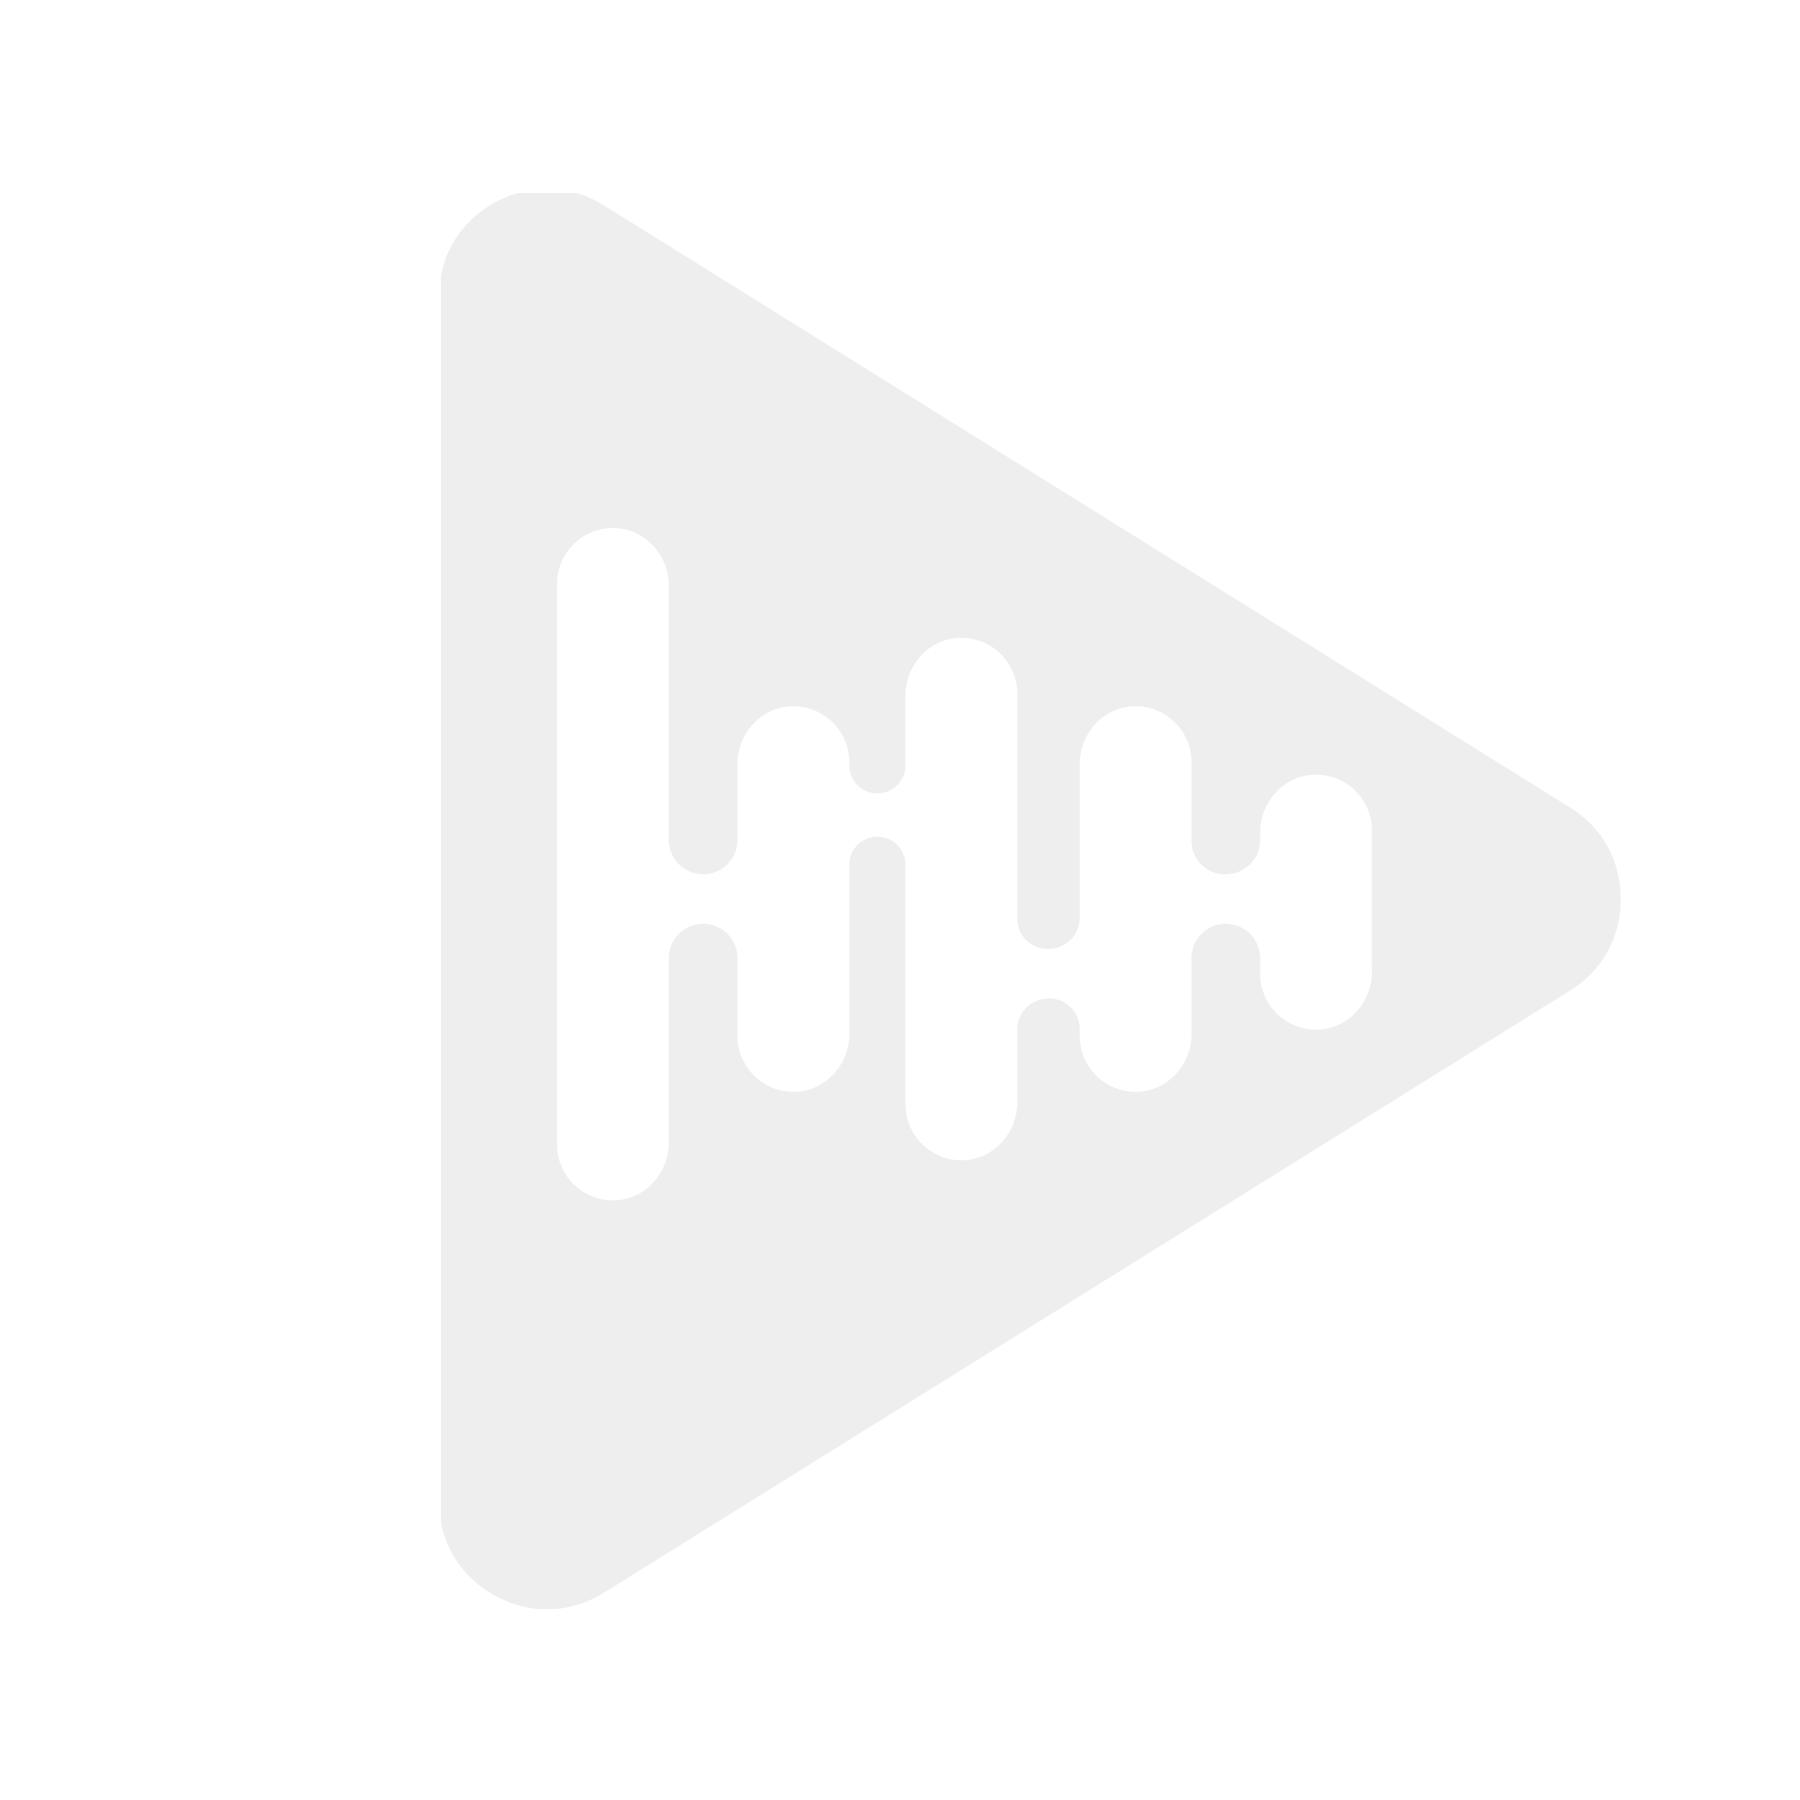 Audison VOCE AV 6.5